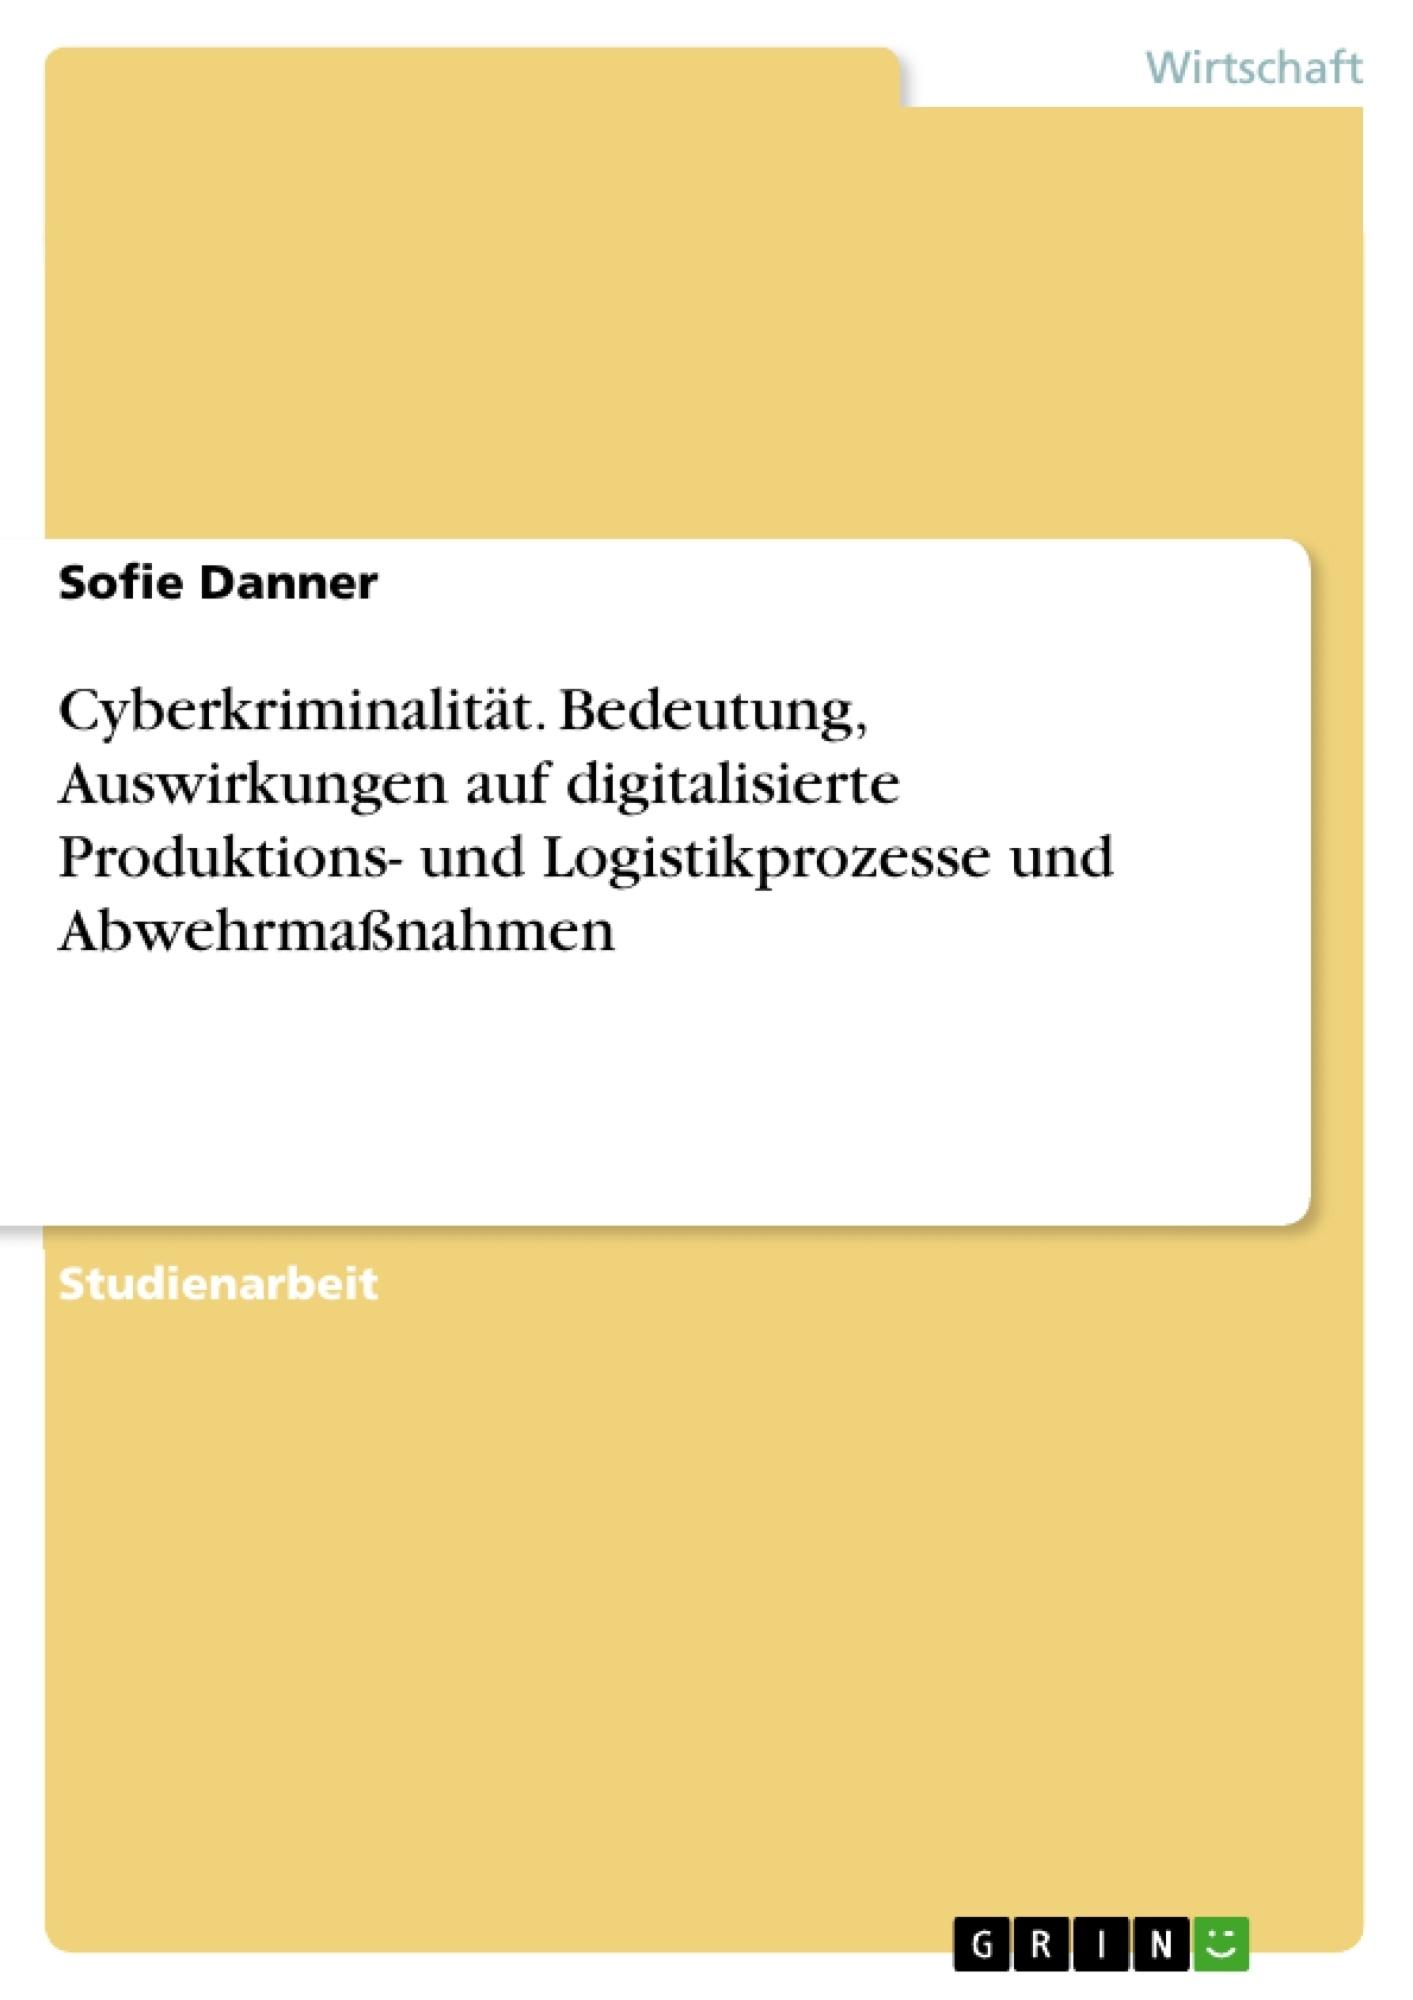 Titel: Cyberkriminalität. Bedeutung, Auswirkungen auf digitalisierte Produktions- und Logistikprozesse und Abwehrmaßnahmen